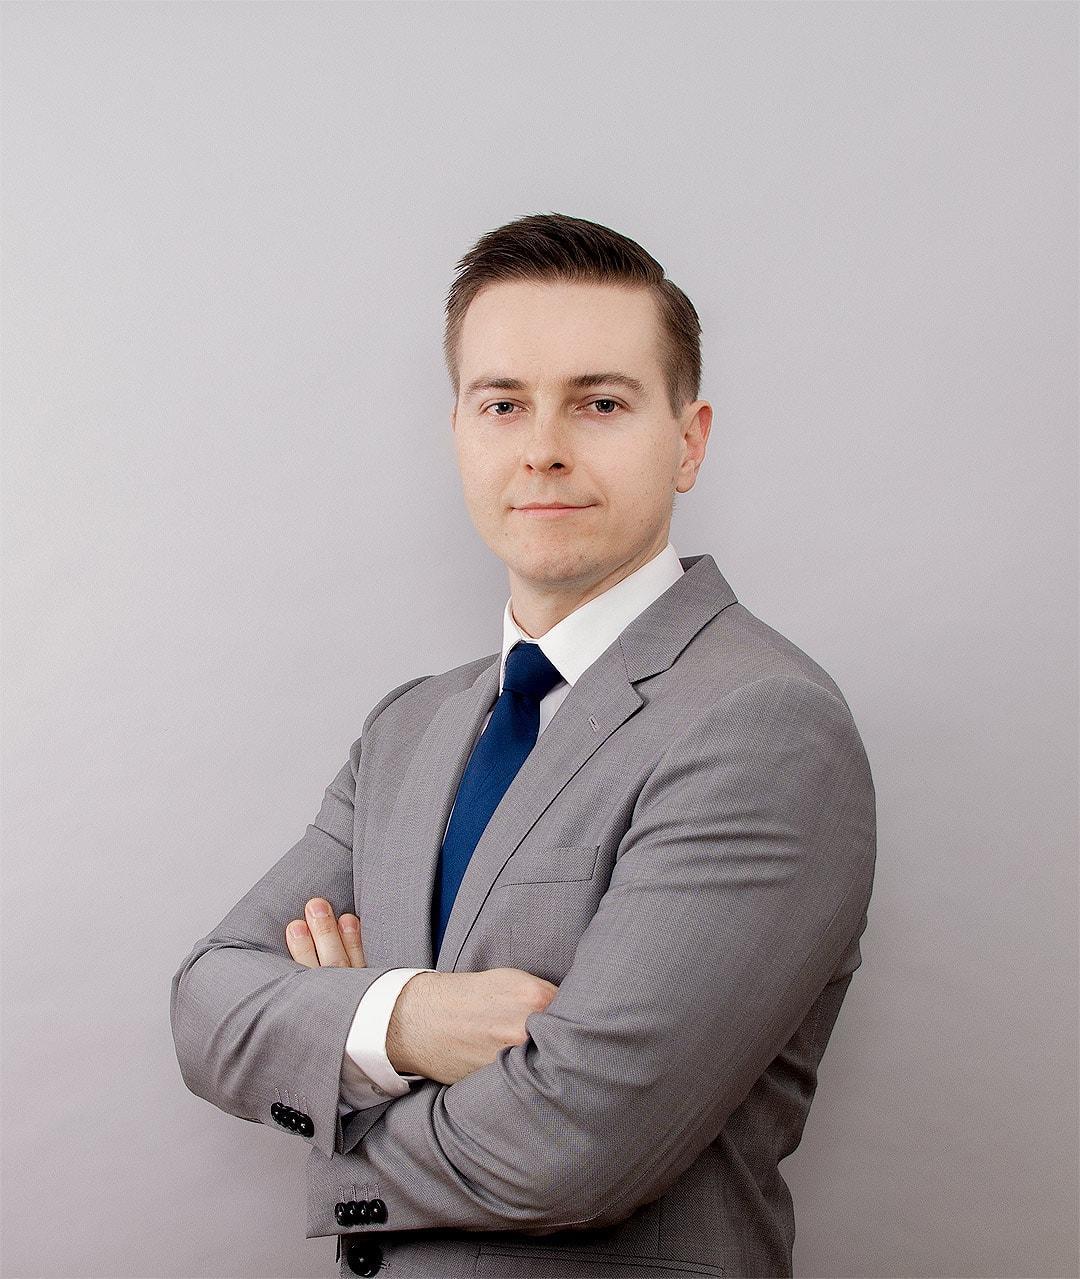 portret odvetnika